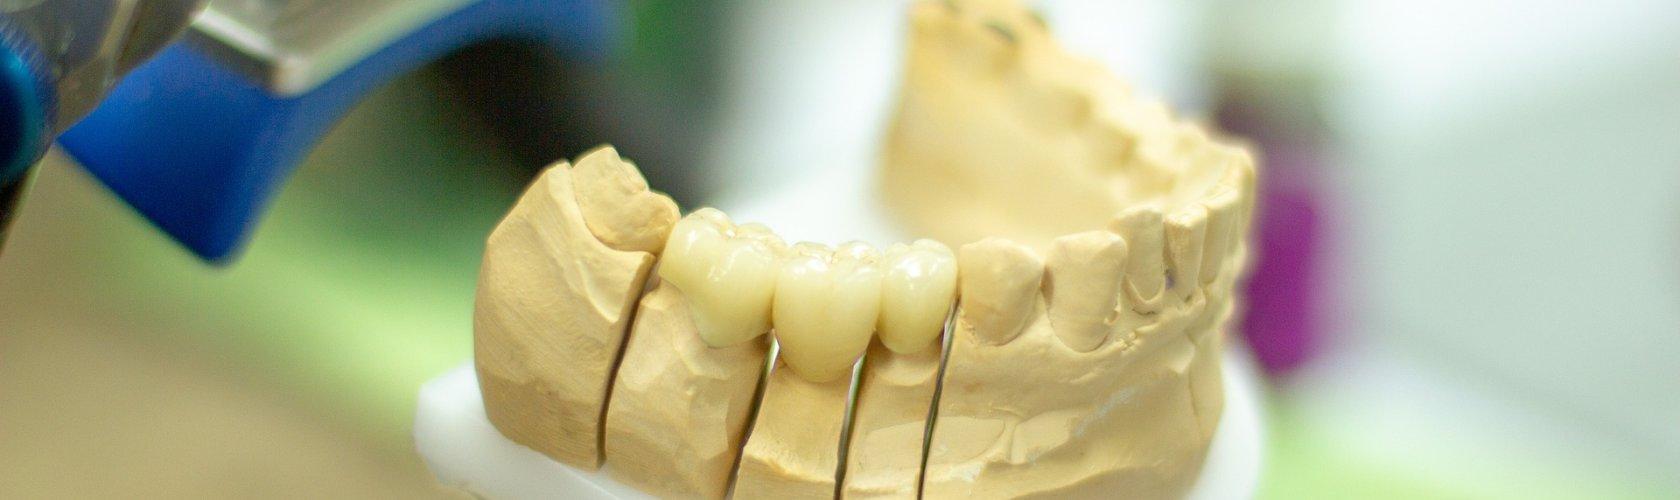 Izrada umjetnihi zuba